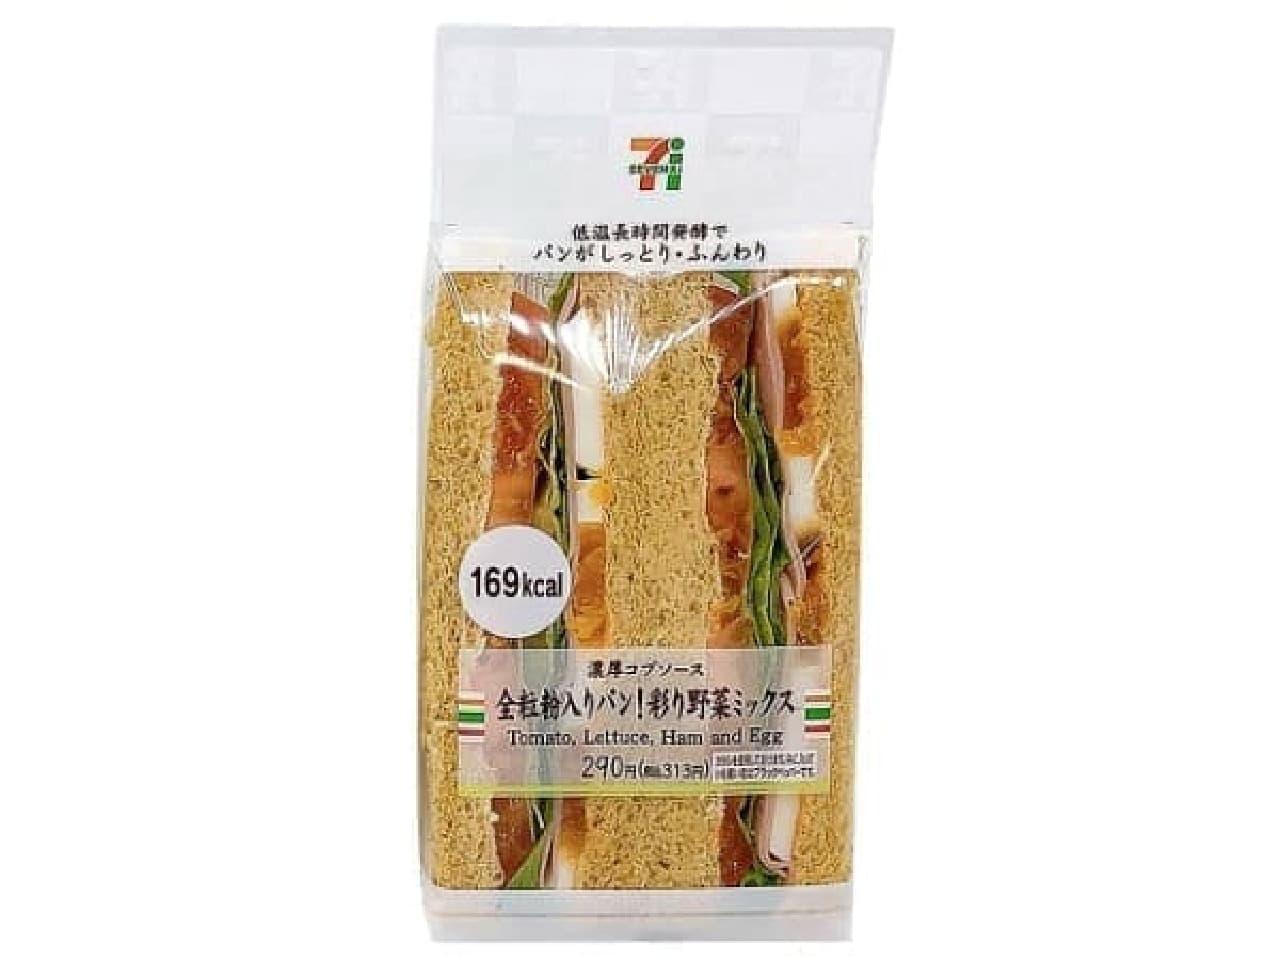 セブン-イレブン「全粒粉入りパン!彩り野菜ミックス」